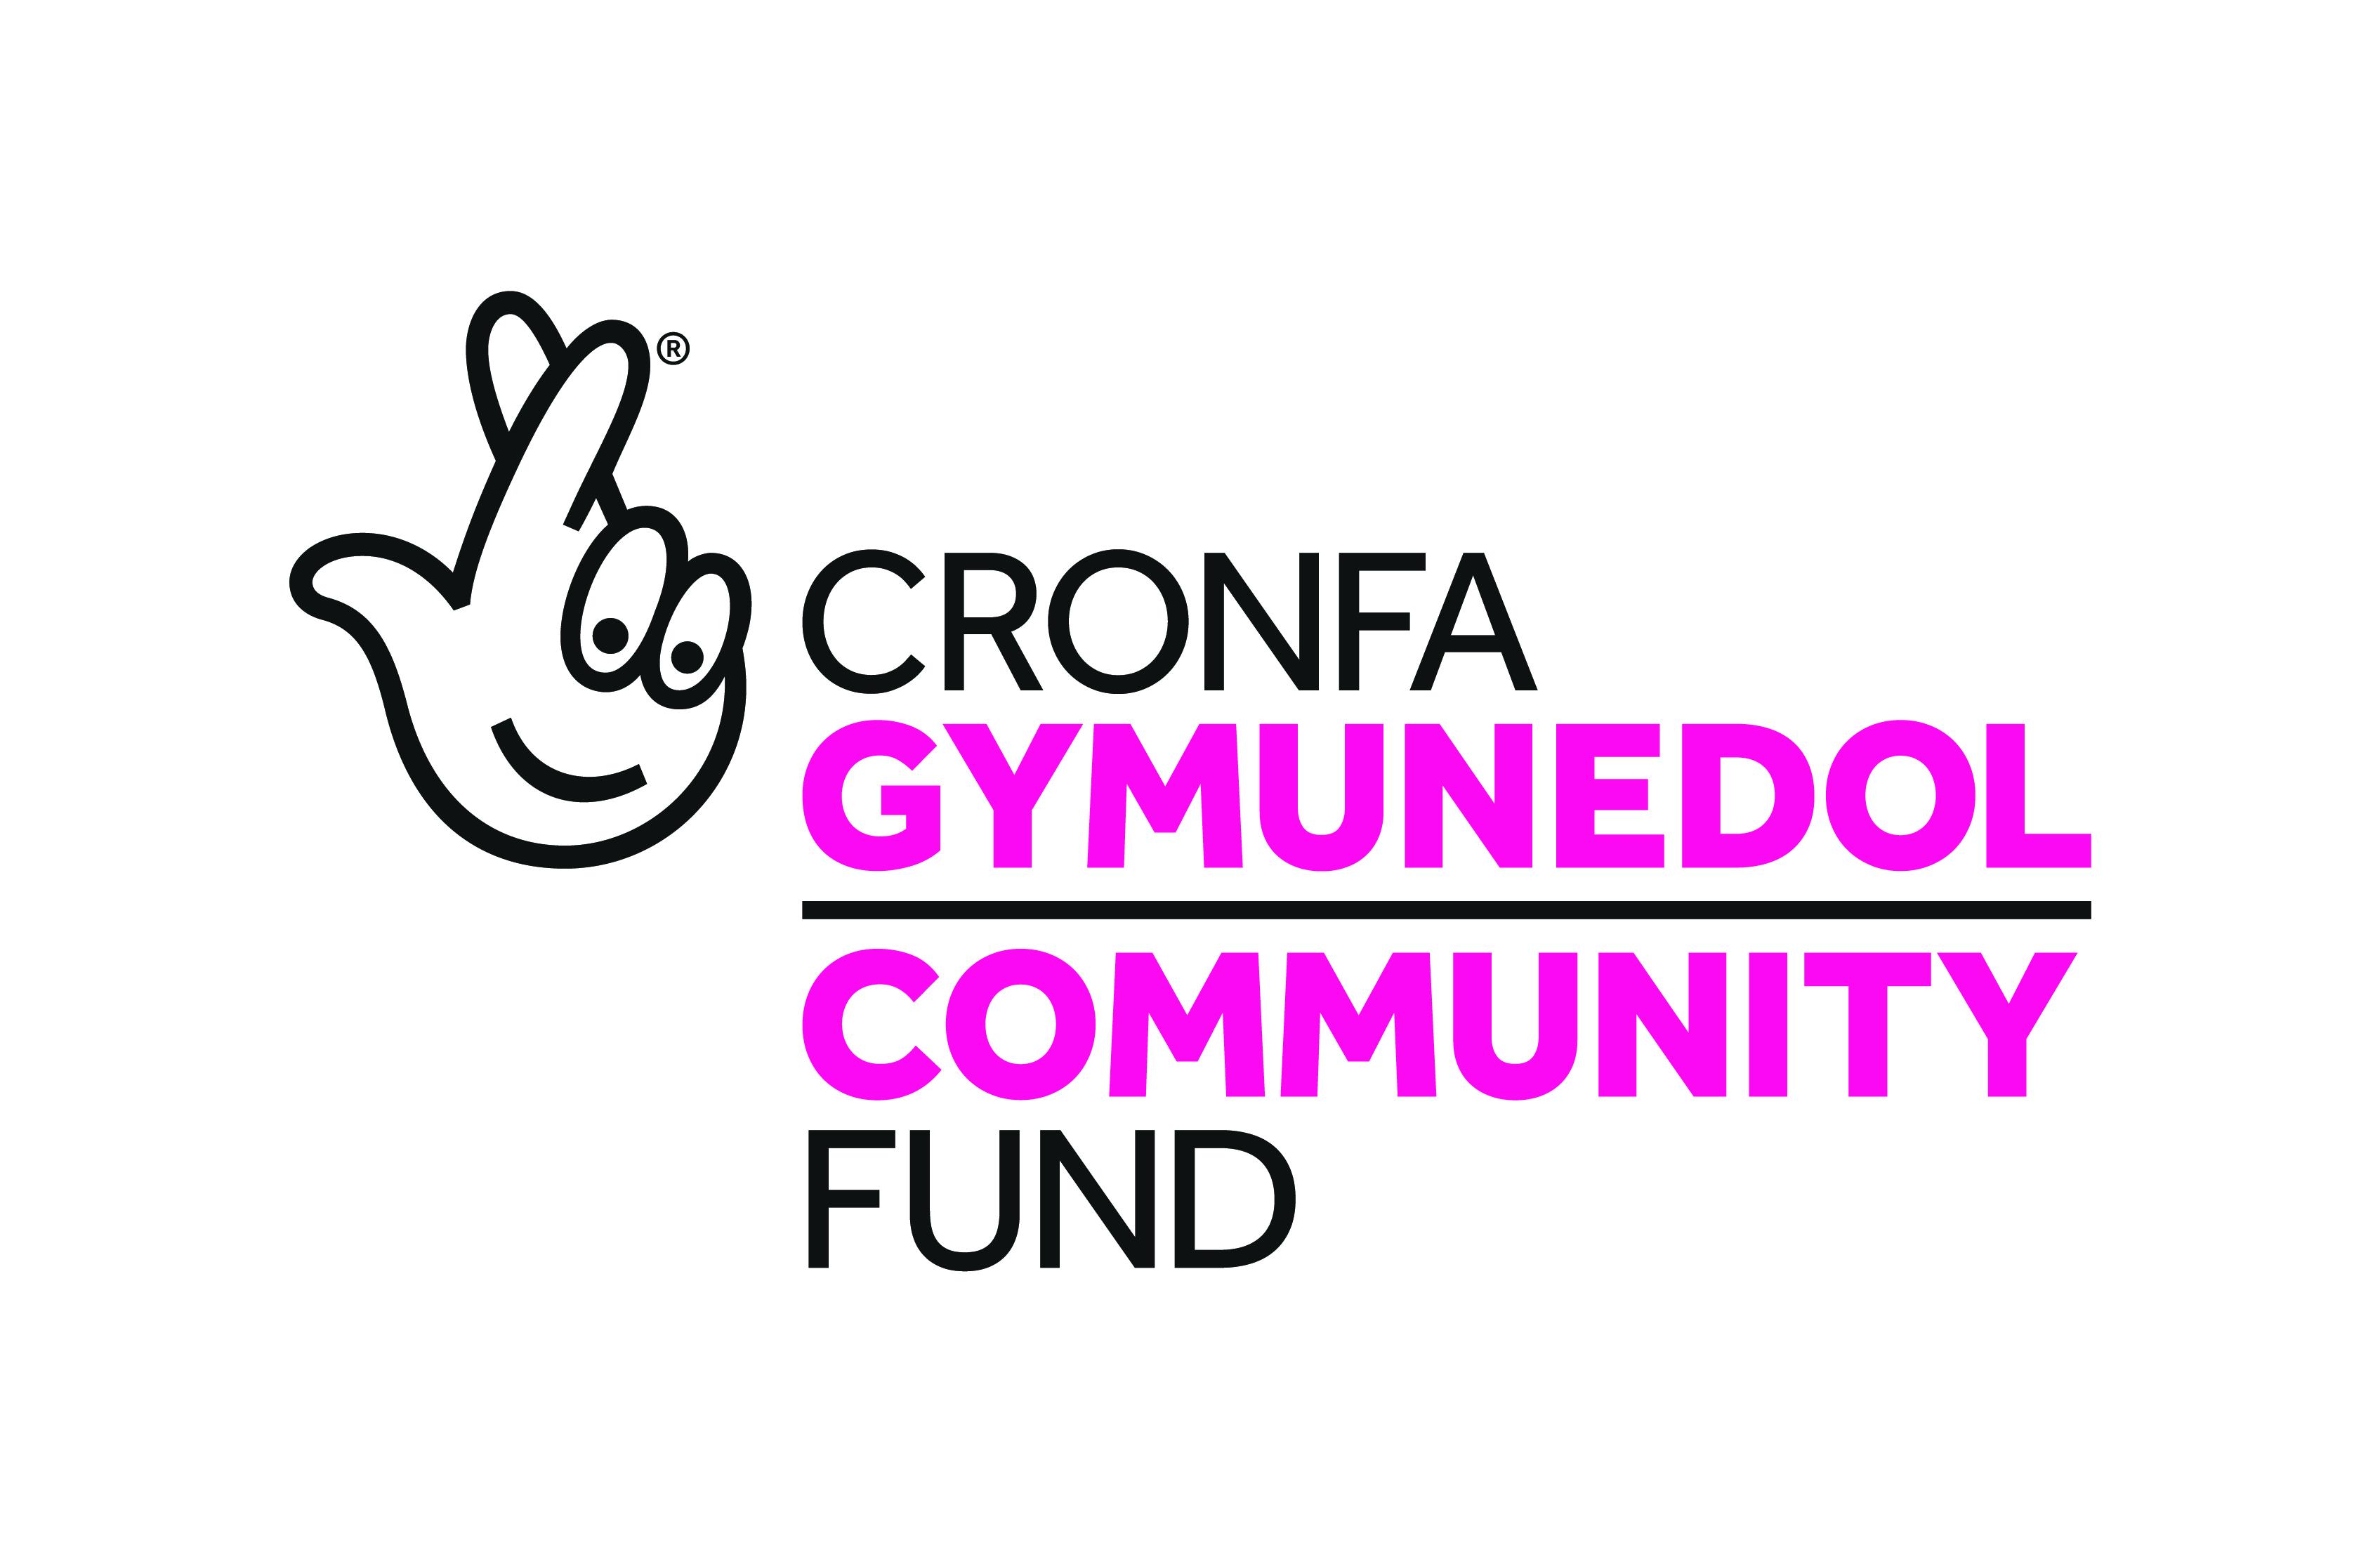 Cronfa Gymunedol Community Fund